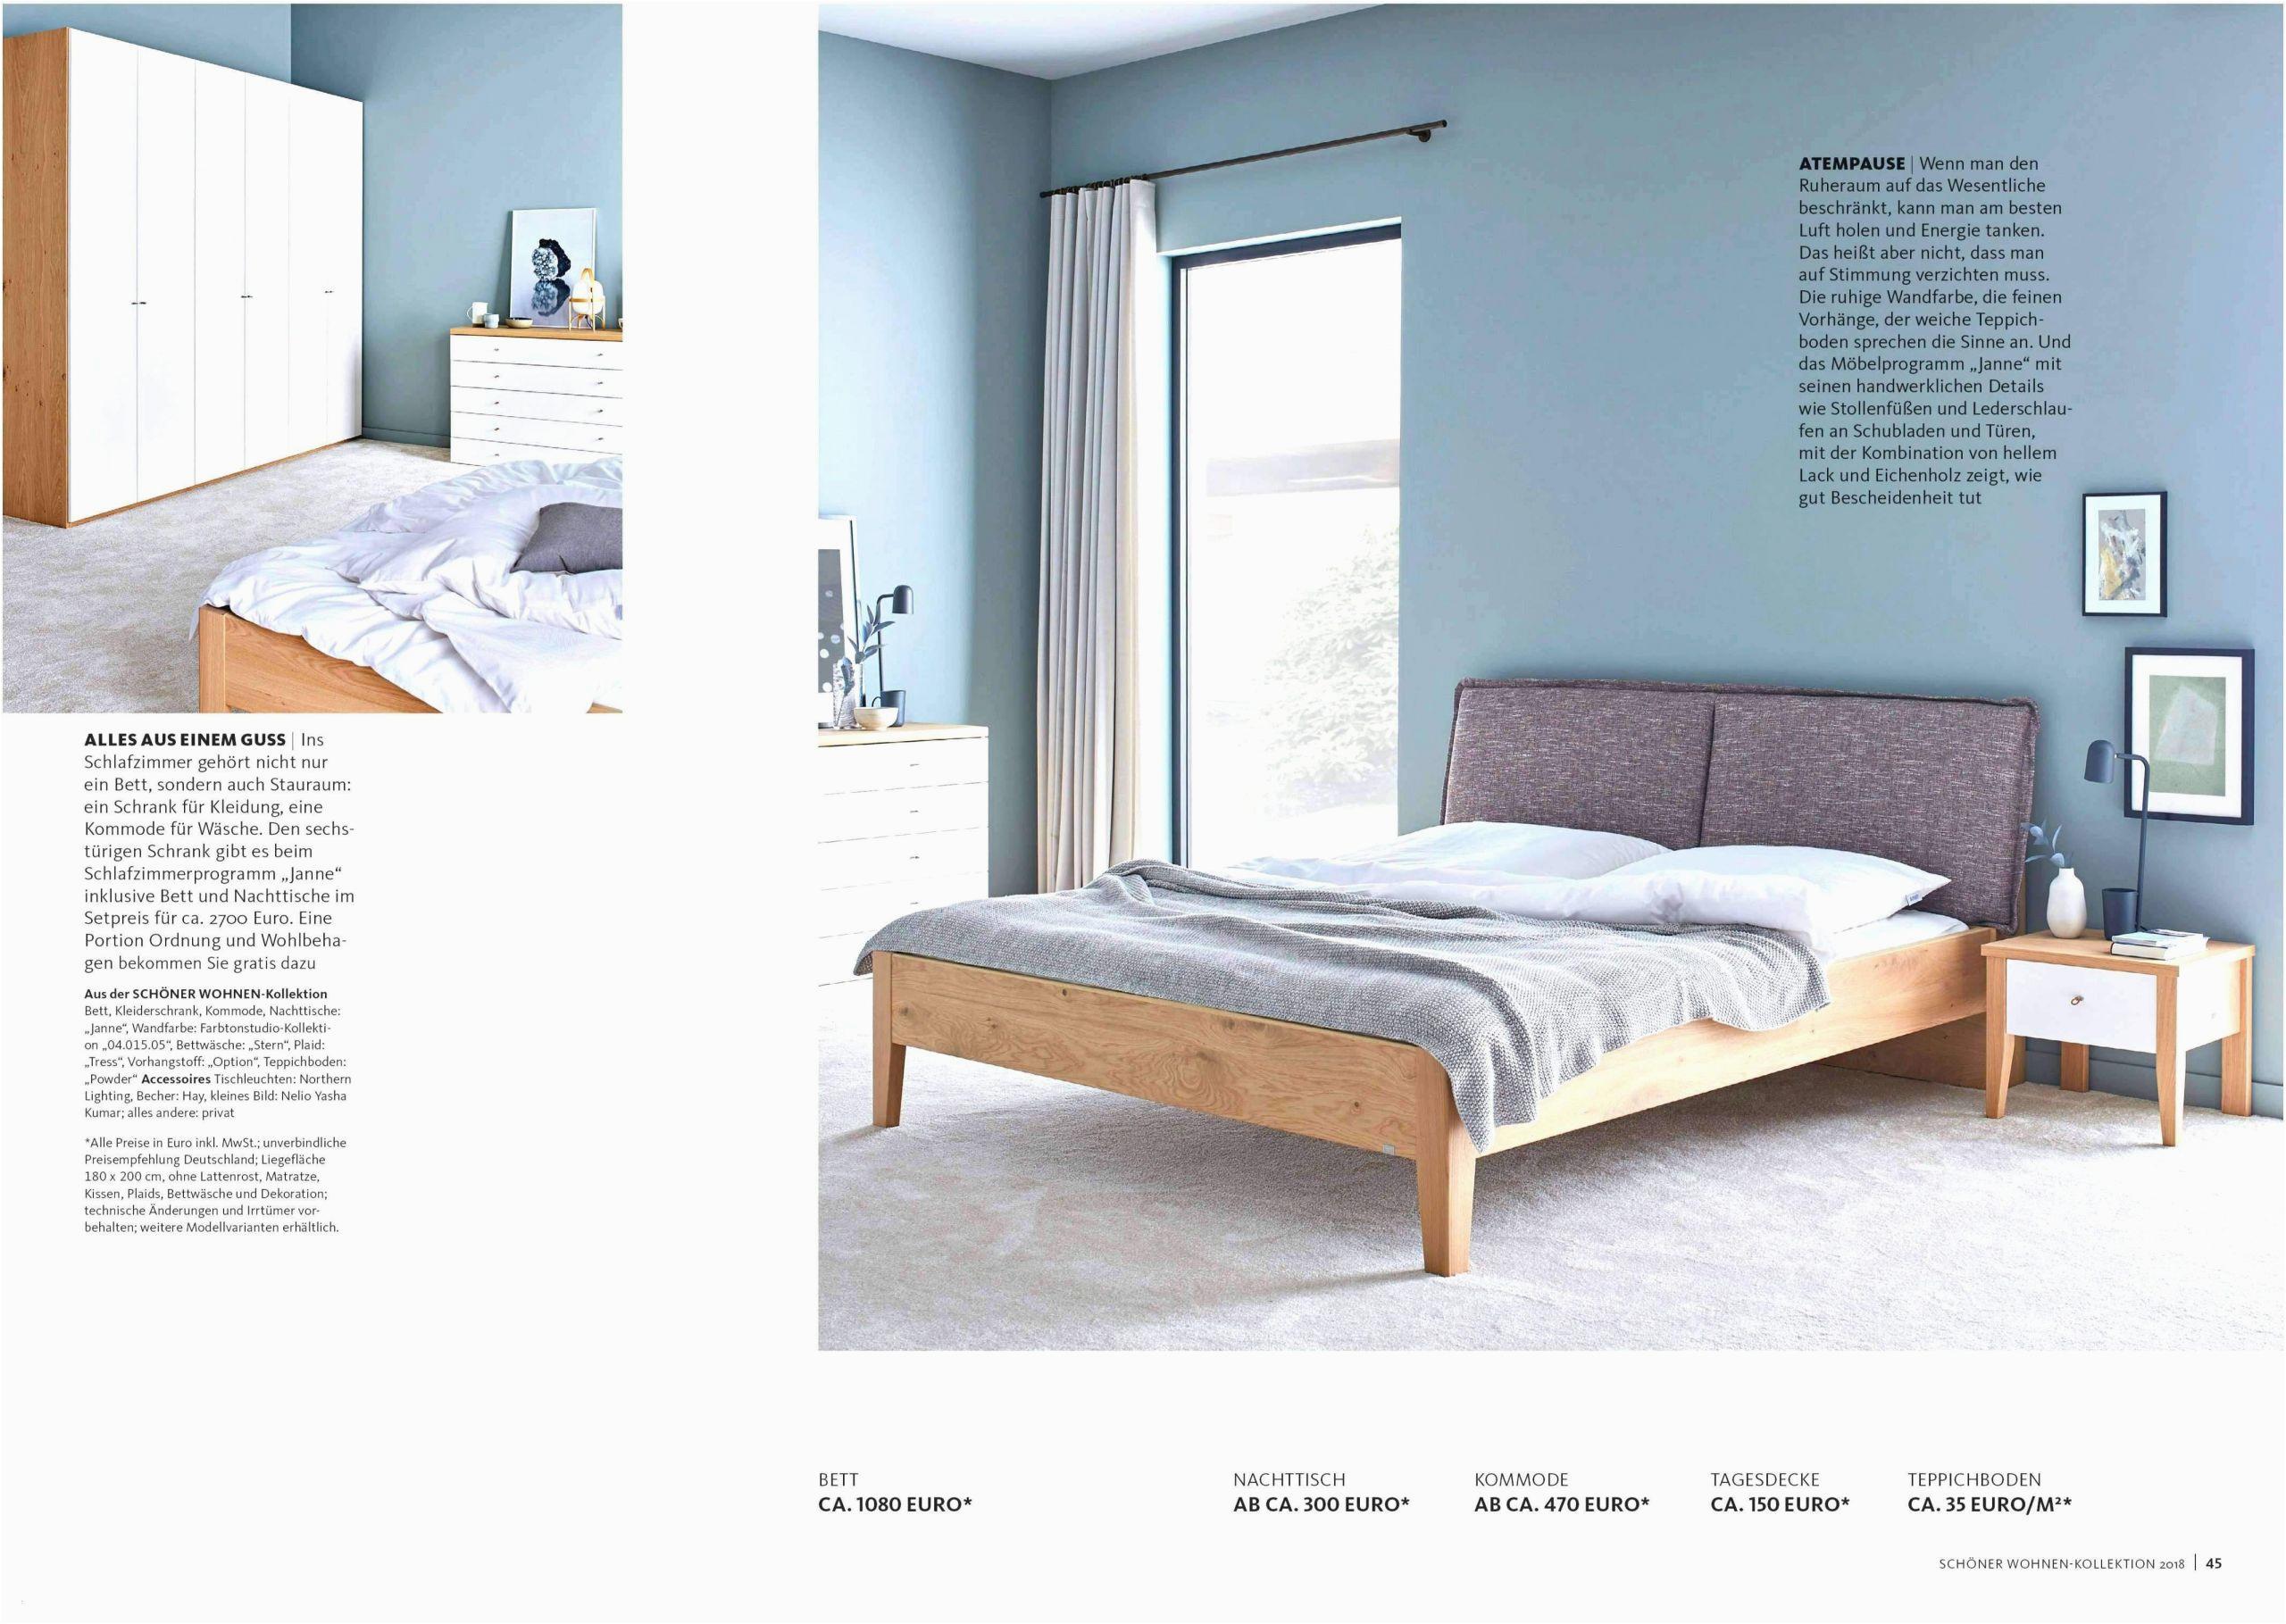 moderne bilder fur wohnzimmer genial reizend bilder fur wohnzimmer of moderne bilder fur wohnzimmer scaled